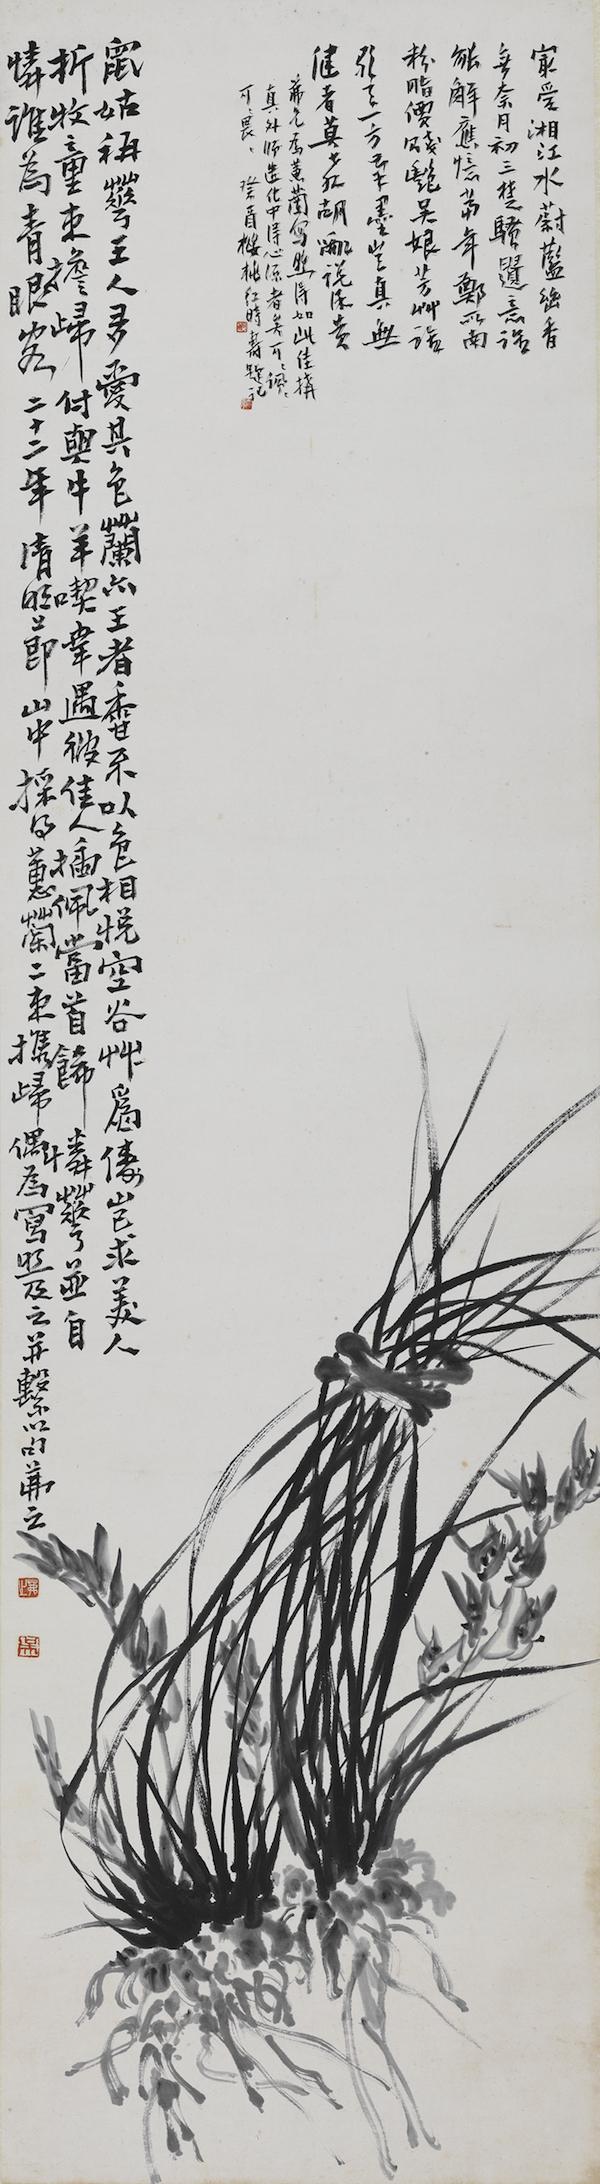 吴茀之《墨蕙》1933年(吴茀之纪念馆藏)